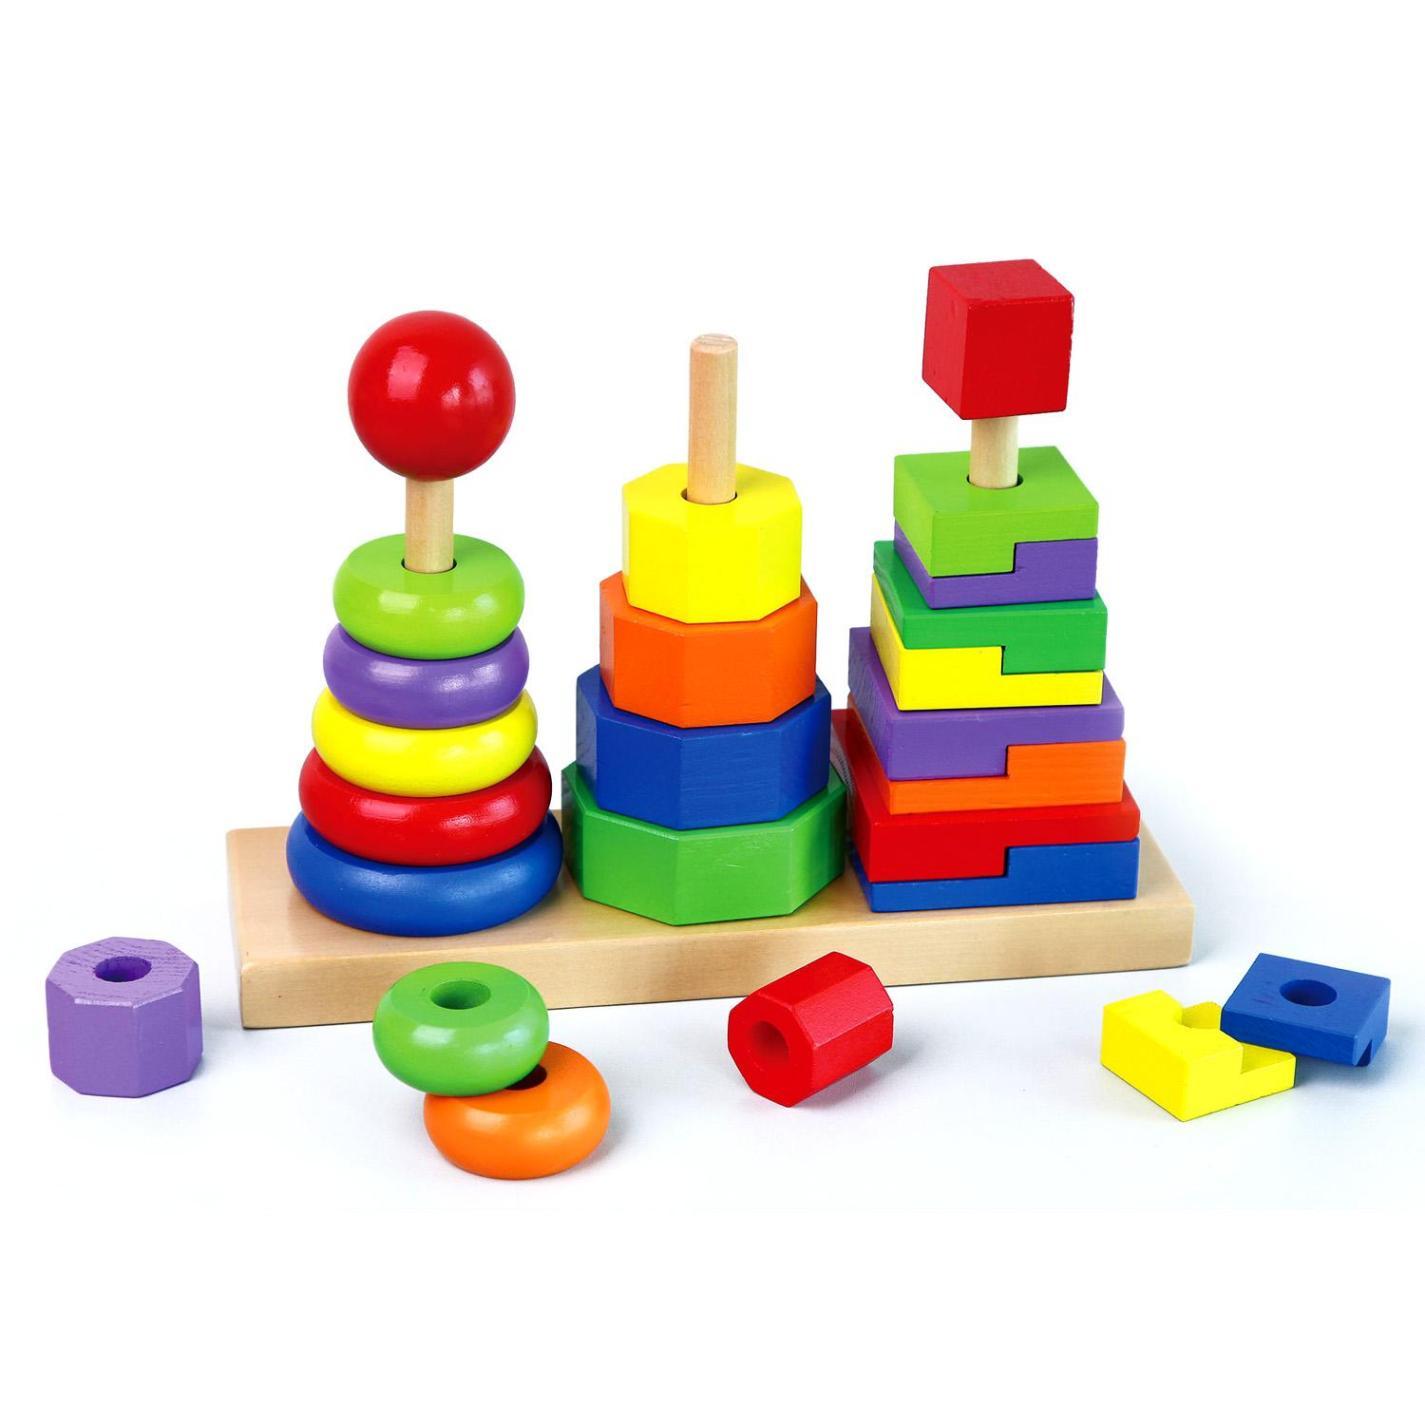 Дървена играчка от геометрични фигури и дървени кубчета(1)-bellamie